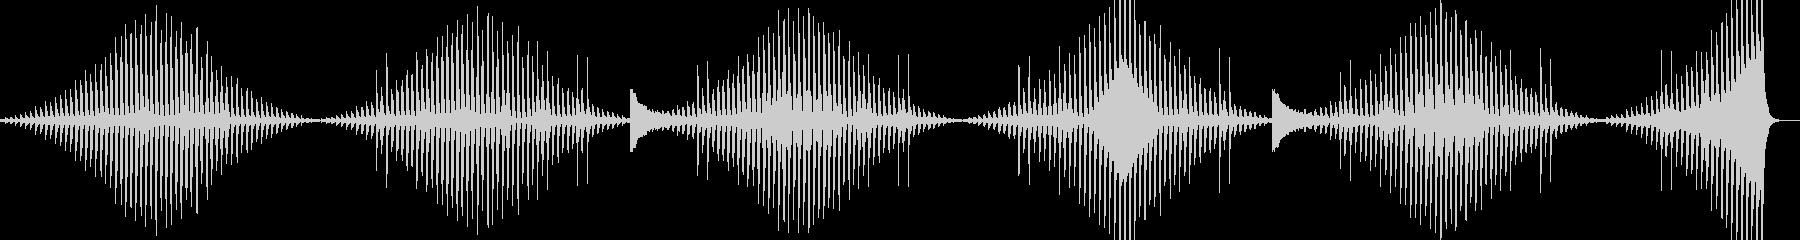 倍音の変化を伴うミニマルな展開の環境音楽の未再生の波形